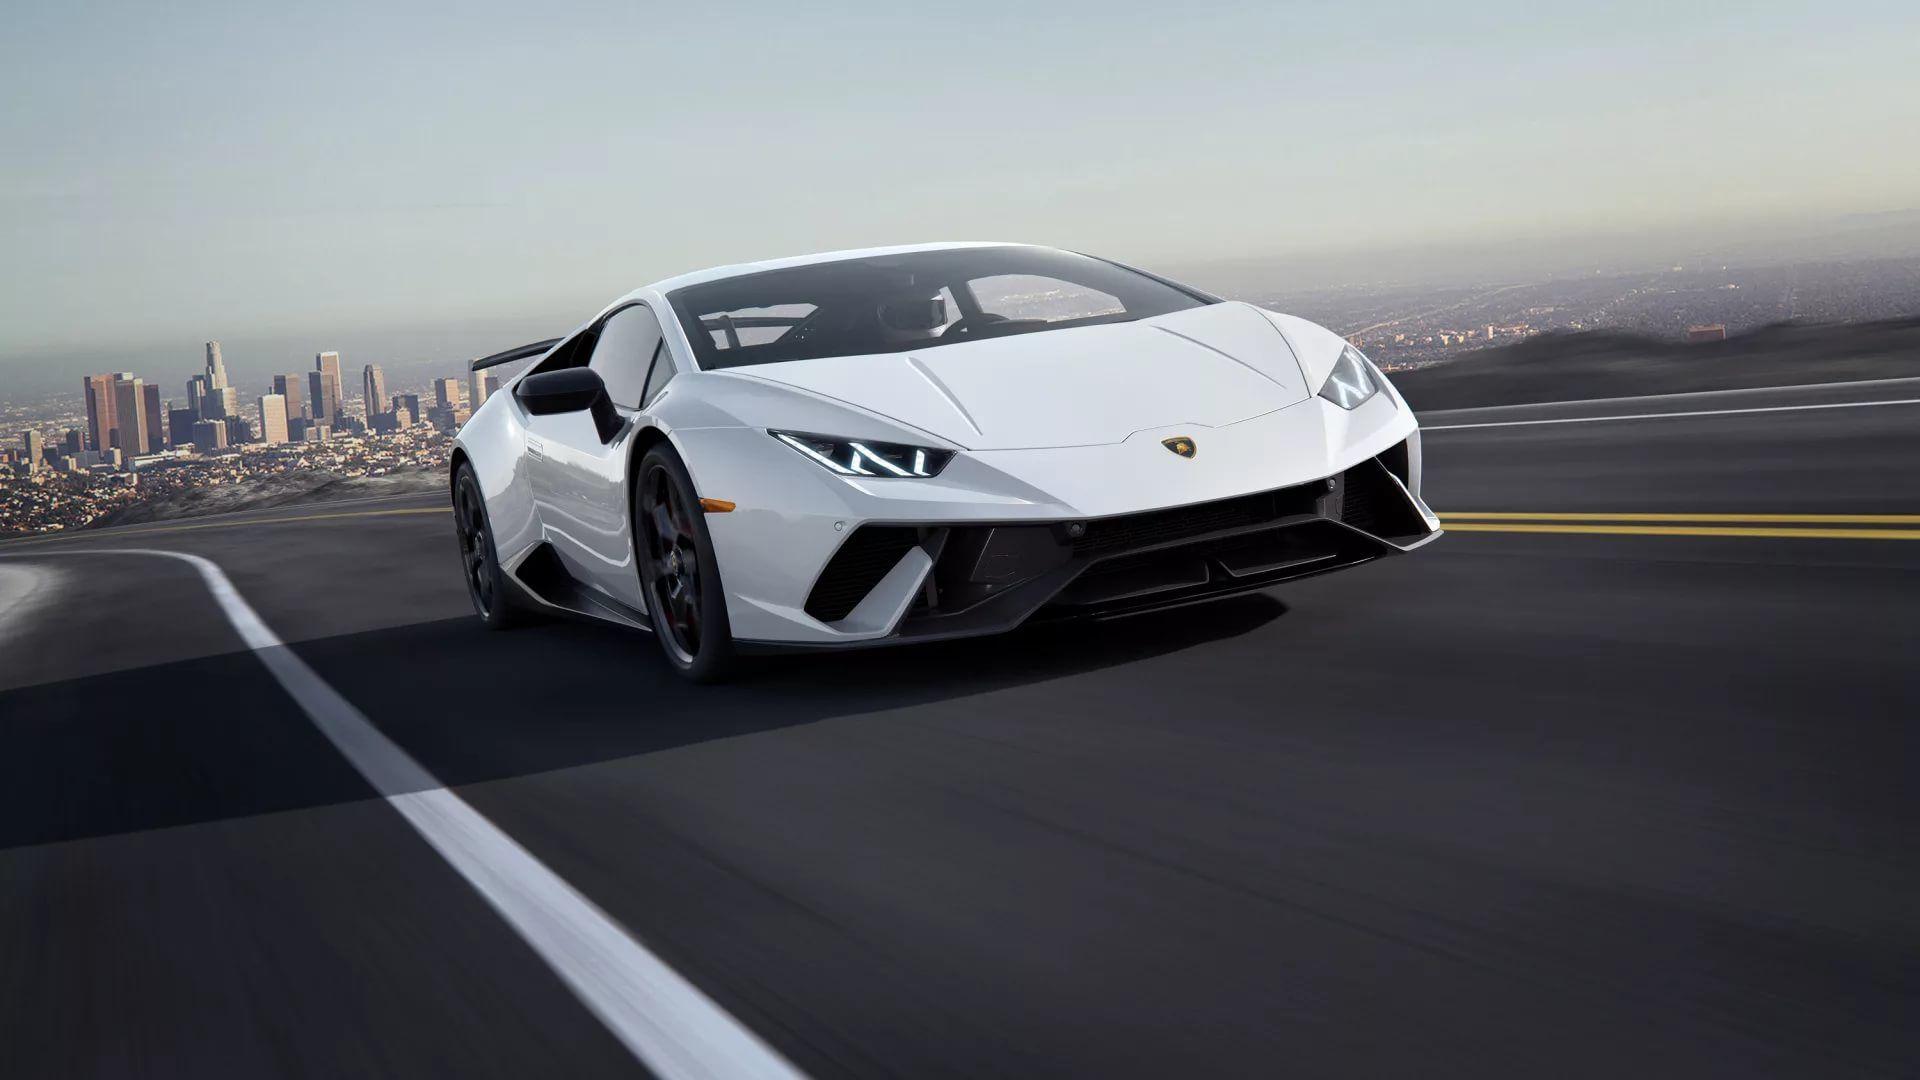 Lamborghini Download Wallpaper